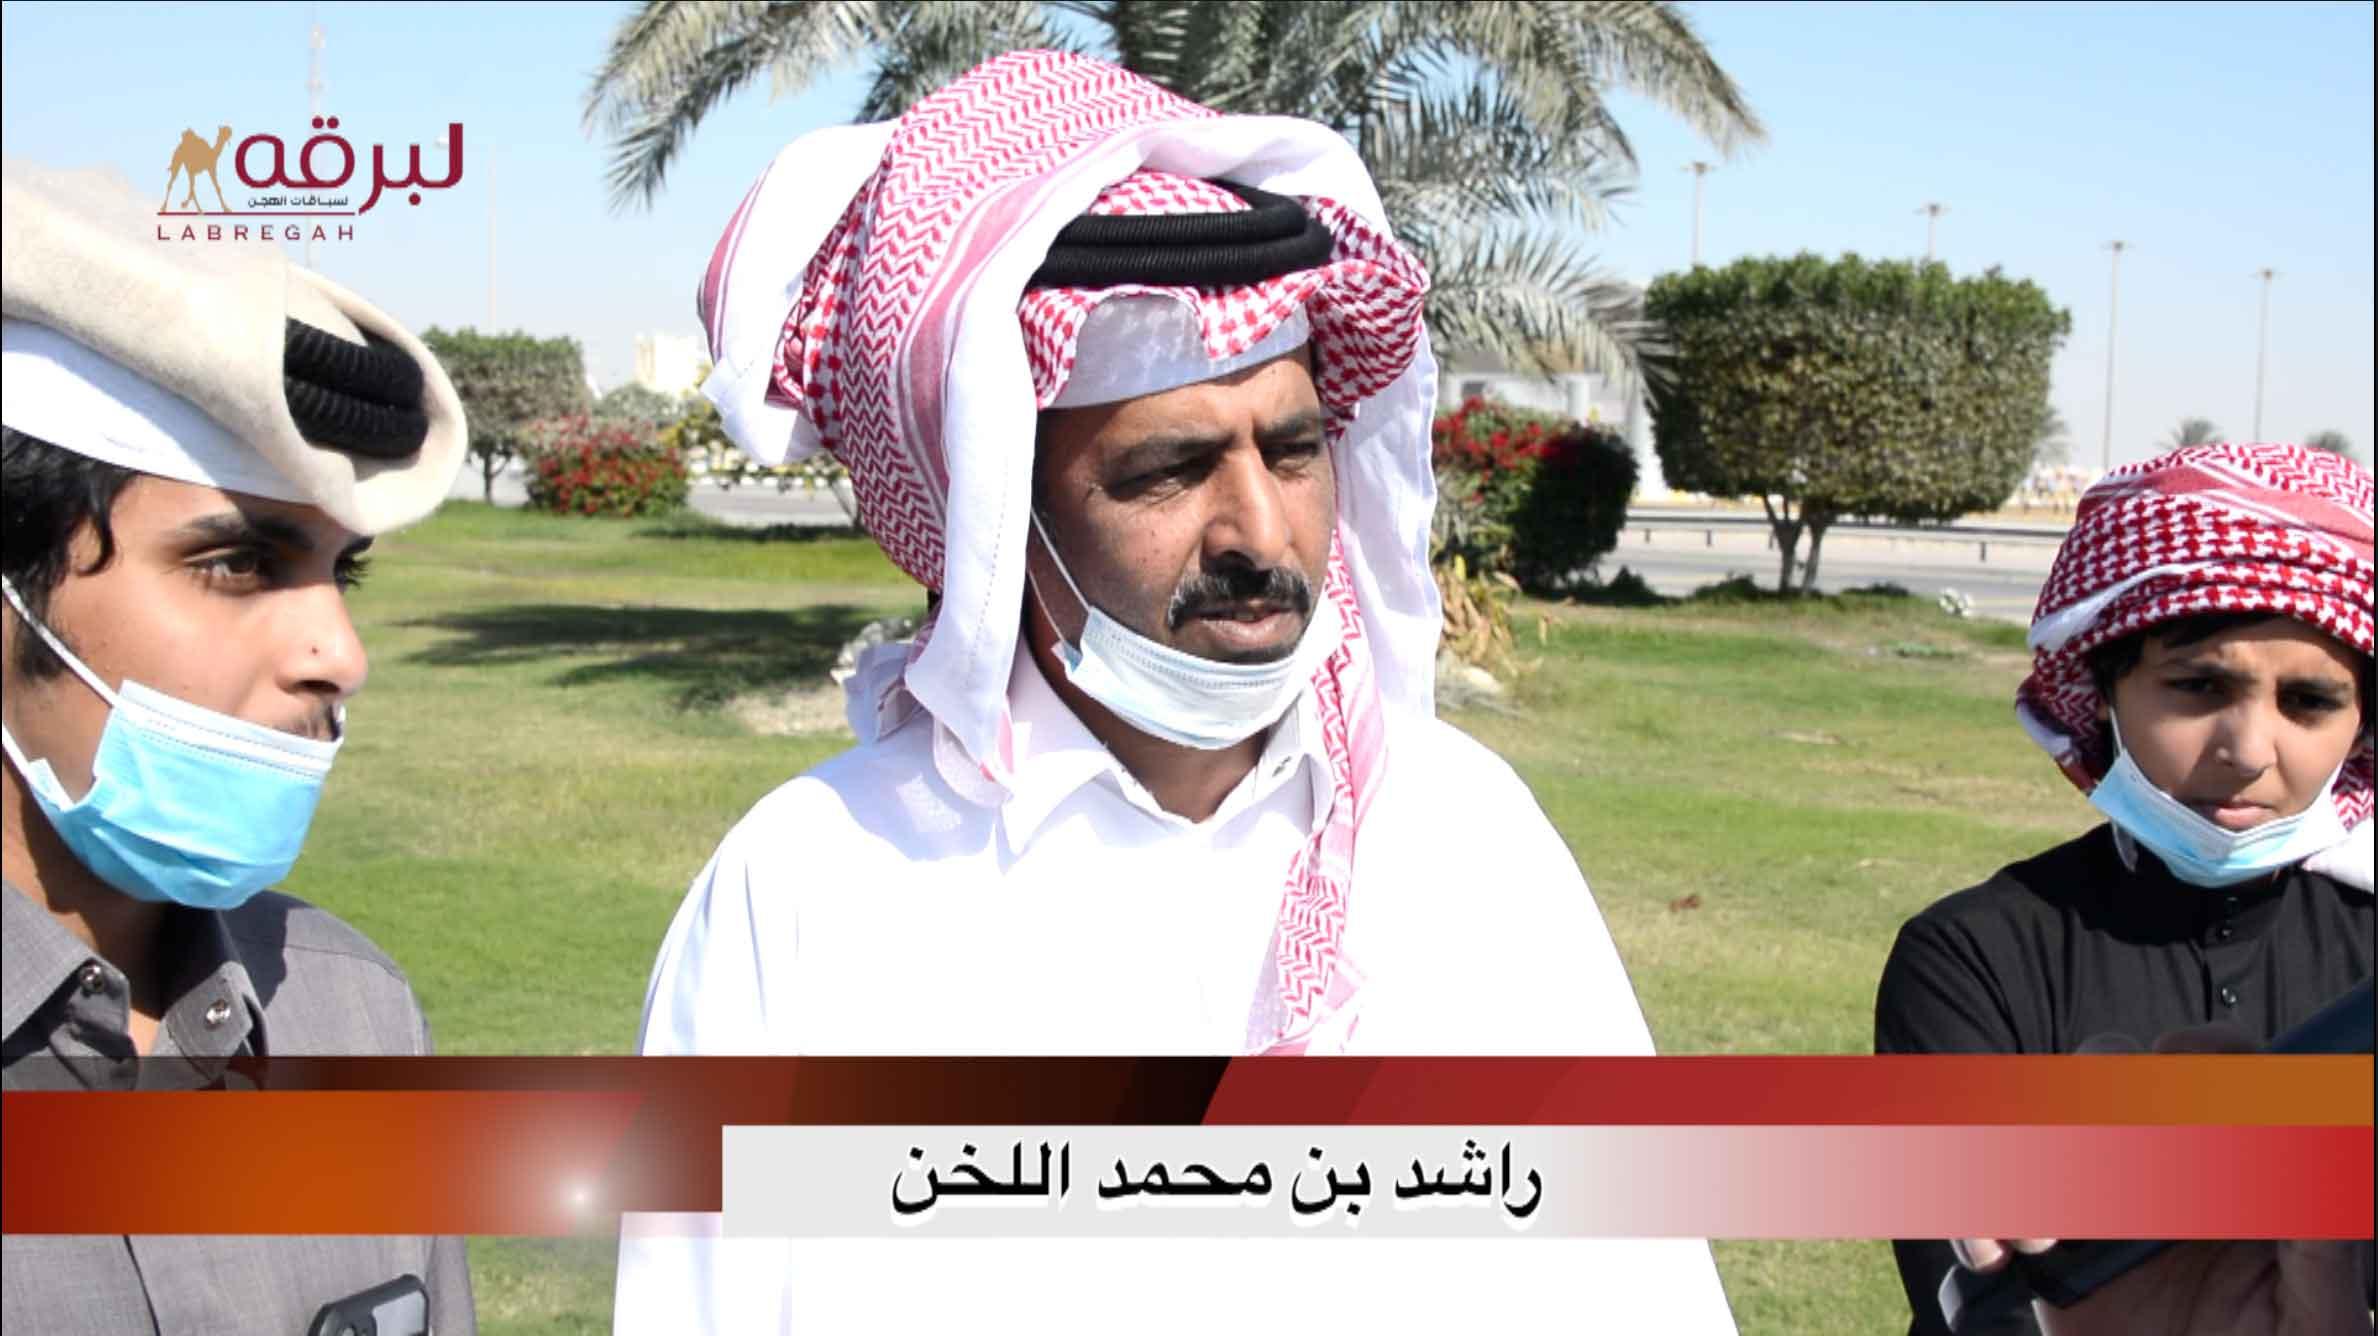 لقاء مع راشد بن محمد اللخن. الشوط الرئيسي جذاع بكار « إنتاج » الأشواط العامة  ١٣-٢-٢٠٢١